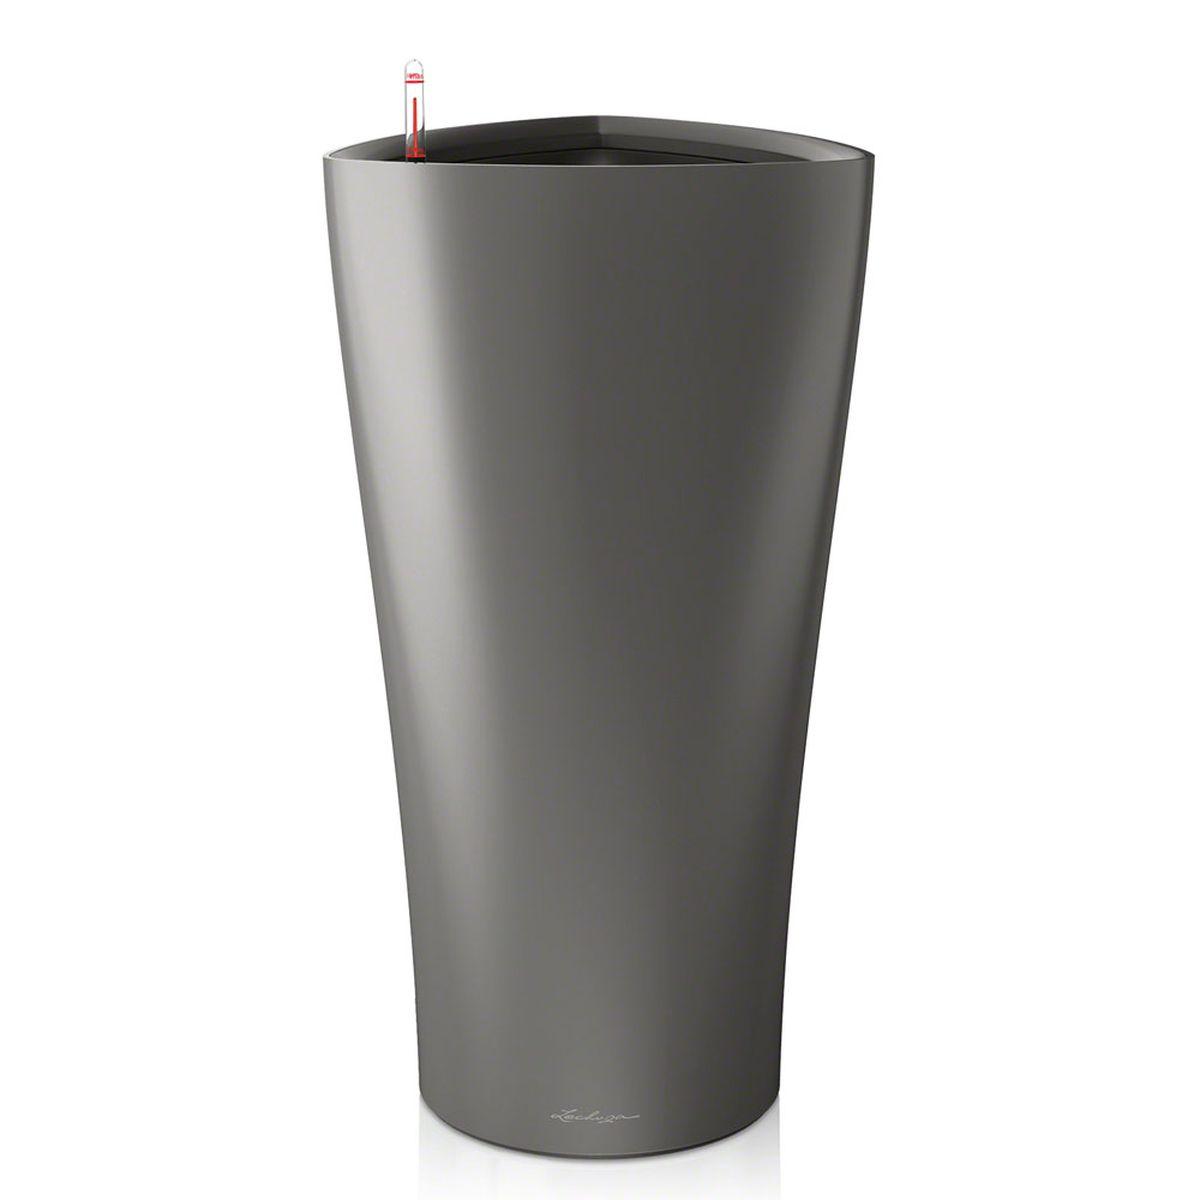 Кашпо Lechuza Delta, с системой автополива, цвет: антрацит, 40 х 40 х 75 см15543Кашпо Lechuza Delta, выполненное из высококачественного пластика, имеет уникальную систему автополива, благодаря которой корневая система растения непрерывно снабжается влагой из резервуара. Уровень воды в резервуаре контролируется с помощью специального индикатора. В зависимости от размера кашпо и растения воды хватает на 2-12 недель. Это способствует хорошему росту цветов и предотвращает переувлажнение.В набор входит: кашпо, внутренний горшок, индикатор уровня воды, резервуар для воды. Внутренний горшок, оснащенный выдвижными ручками, обеспечивает:- легкую переноску даже высоких растений;- легкую смену растений;- можно также просто убрать растения на зиму;- винт в днище позволяет стечь излишней дождевой воде наружу.Кашпо Lechuza Delta прекрасно впишется в интерьер больших холлов, террас ресторанов и уютных гостиных. Изделие поможет расставить нужные акценты и придаст помещению вид, соответствующий вашим представлениям.